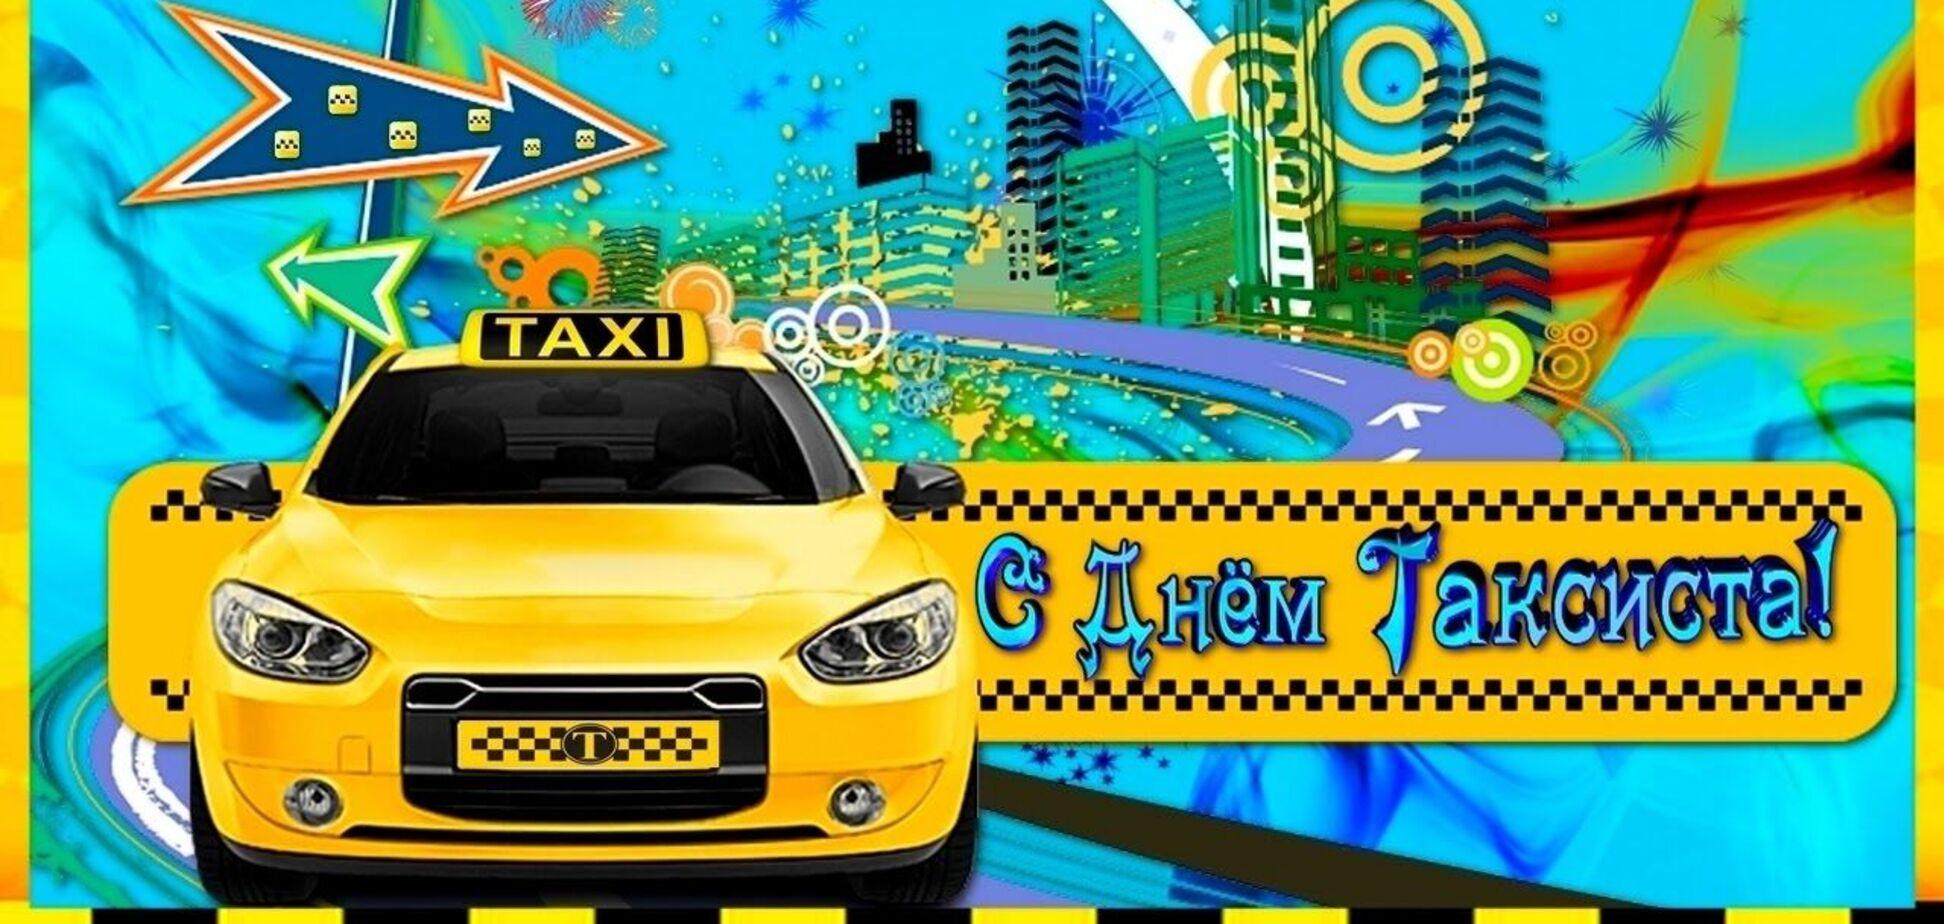 День таксиста відзначається в річницю появи кебів з лічильниками